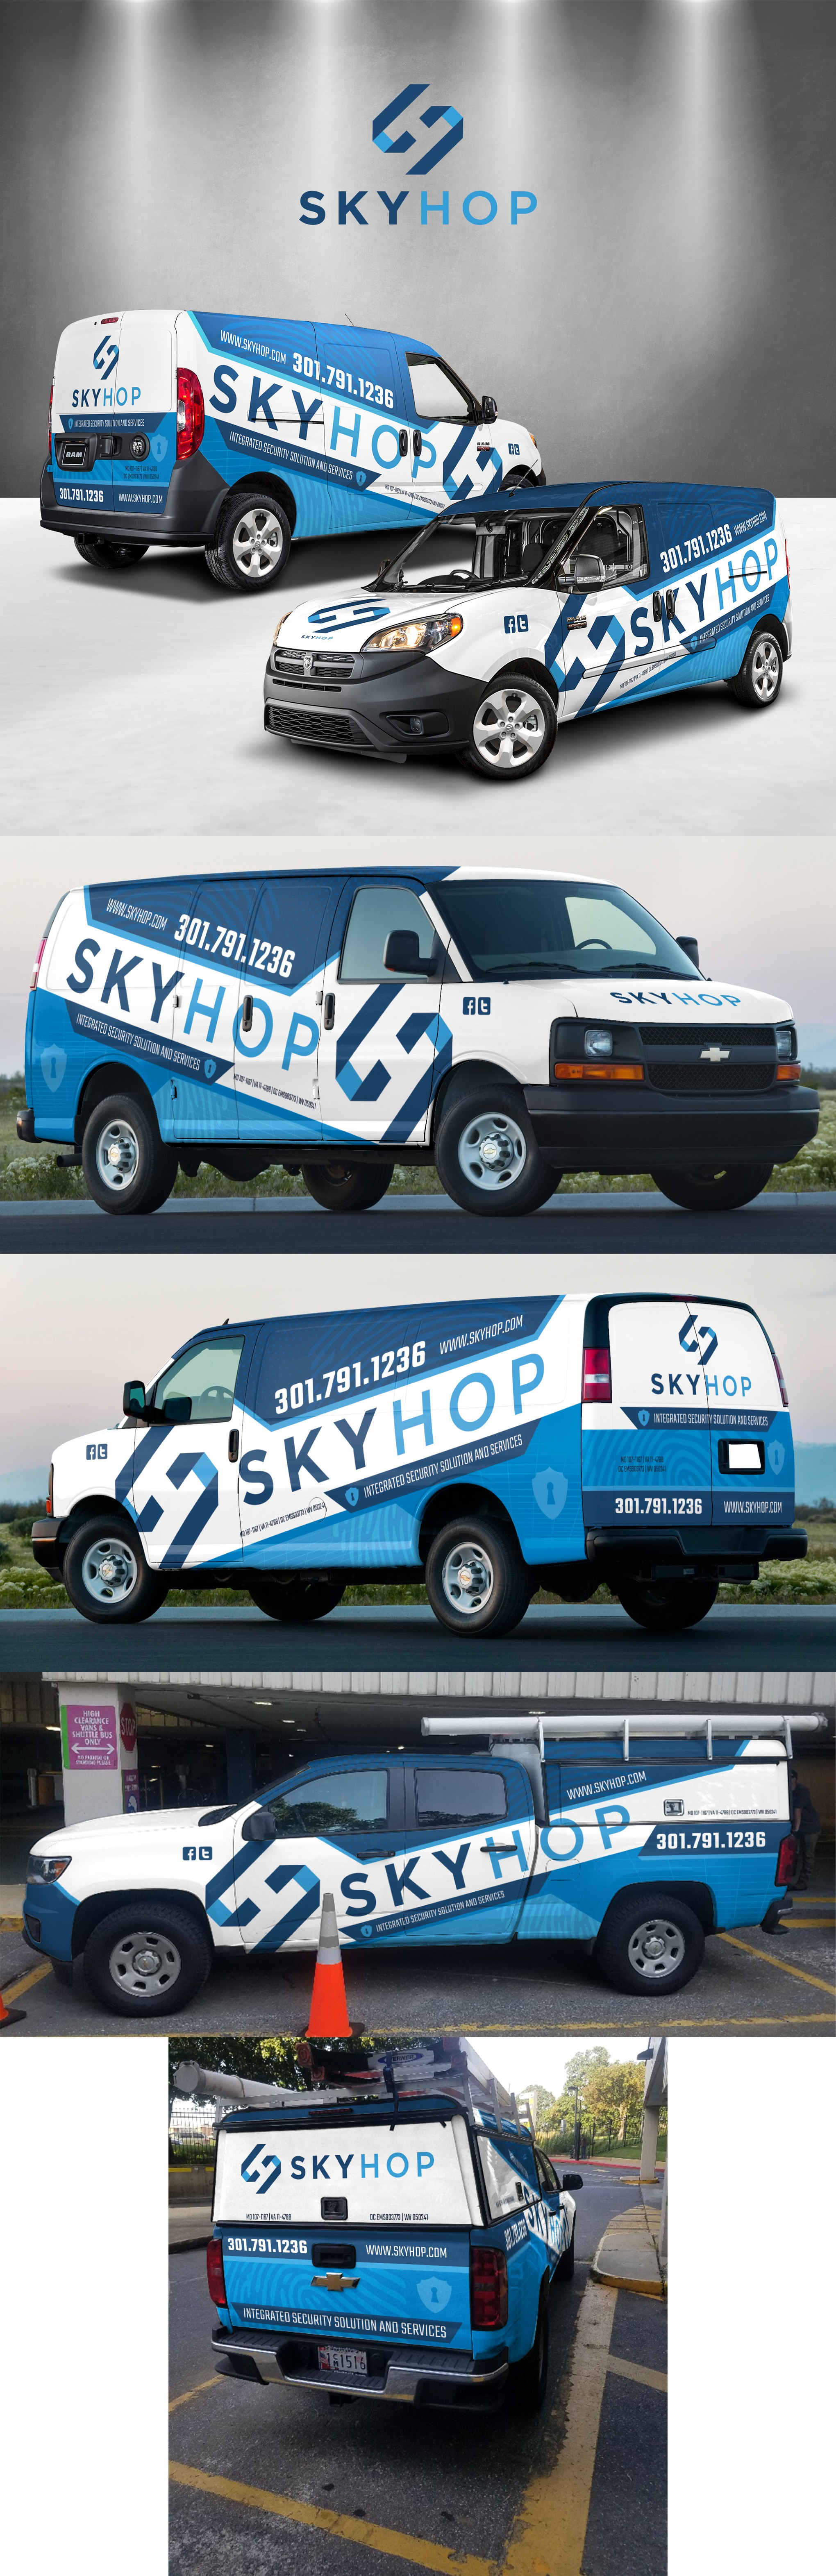 Skyhop Fleet Design